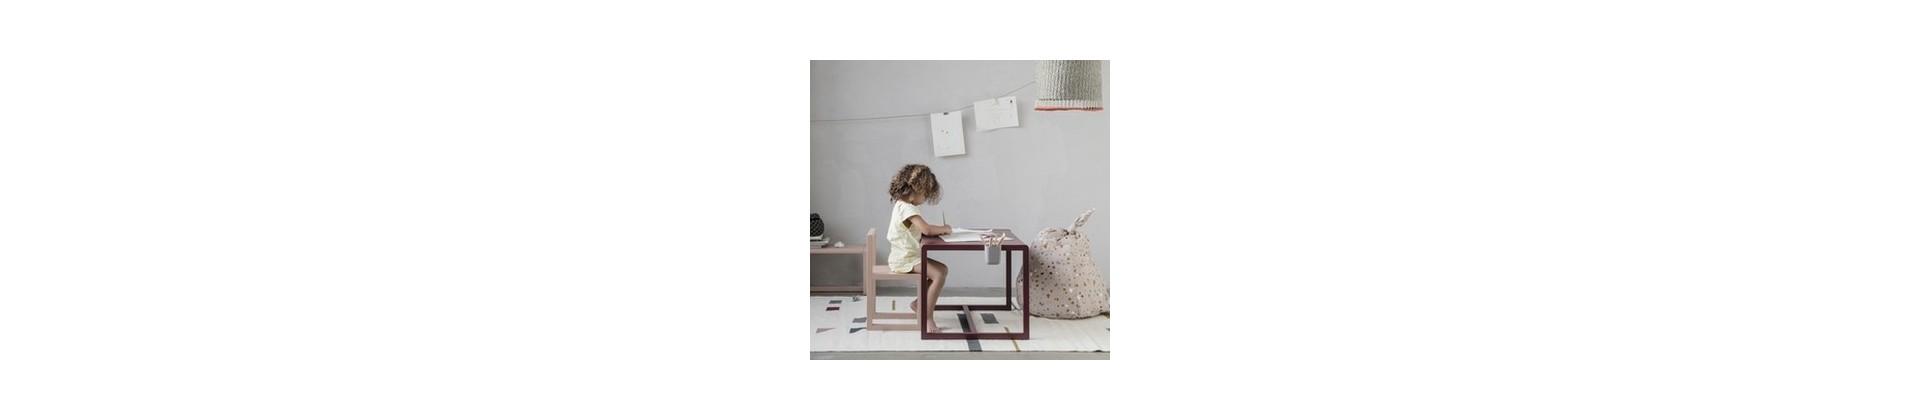 Bureaux enfants : bureaux design & tables bébés pour chambre d'enfant